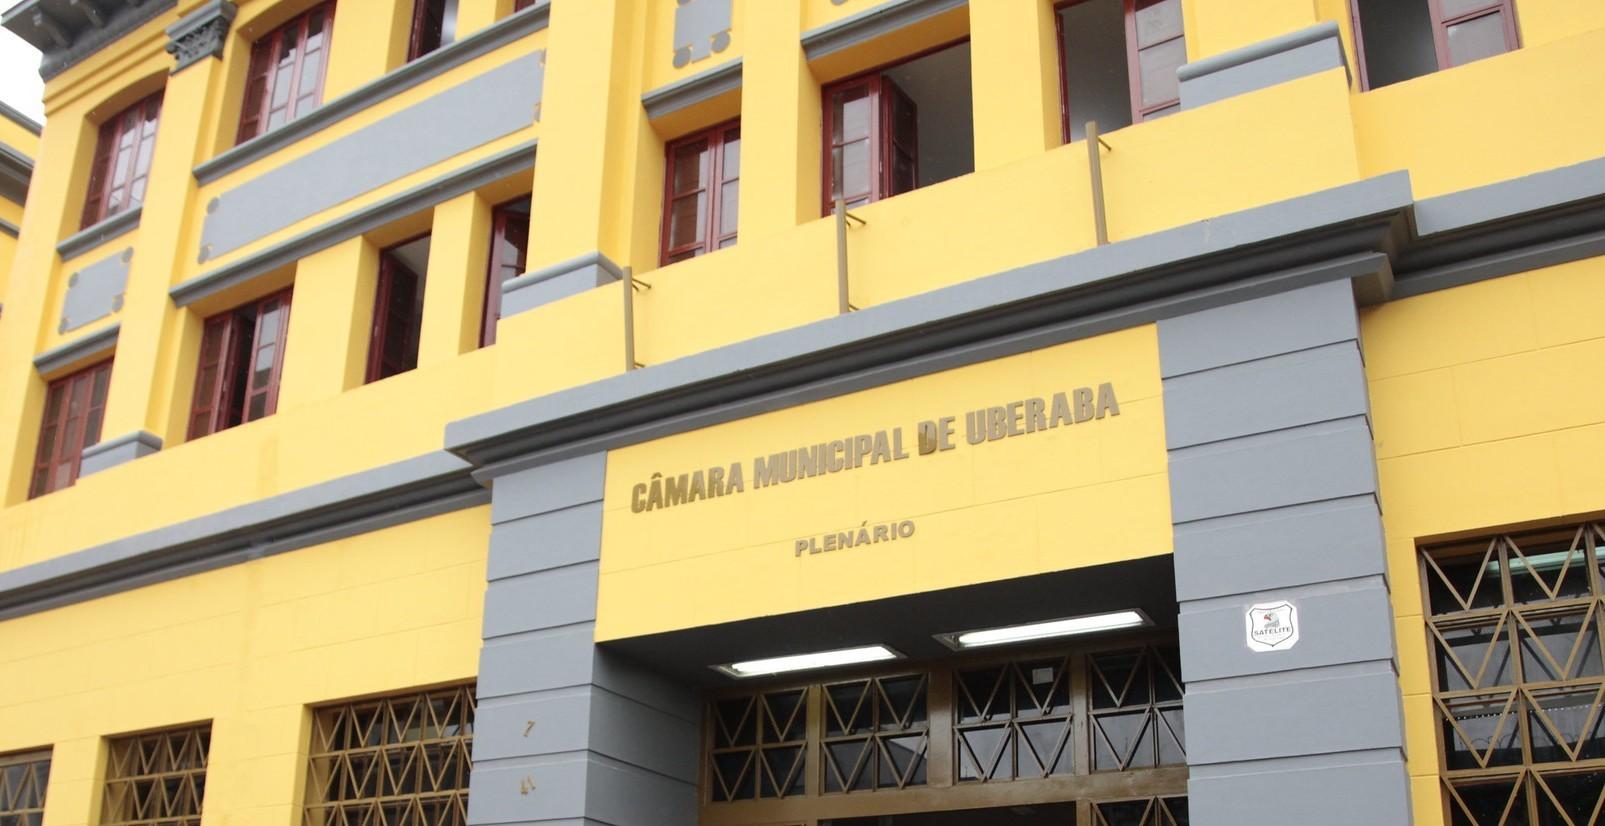 Abertura de crédito adicional de mais de R$ 379 mil no orçamento da Secretária de Saúde de Uberaba é aprovado pela Câmara